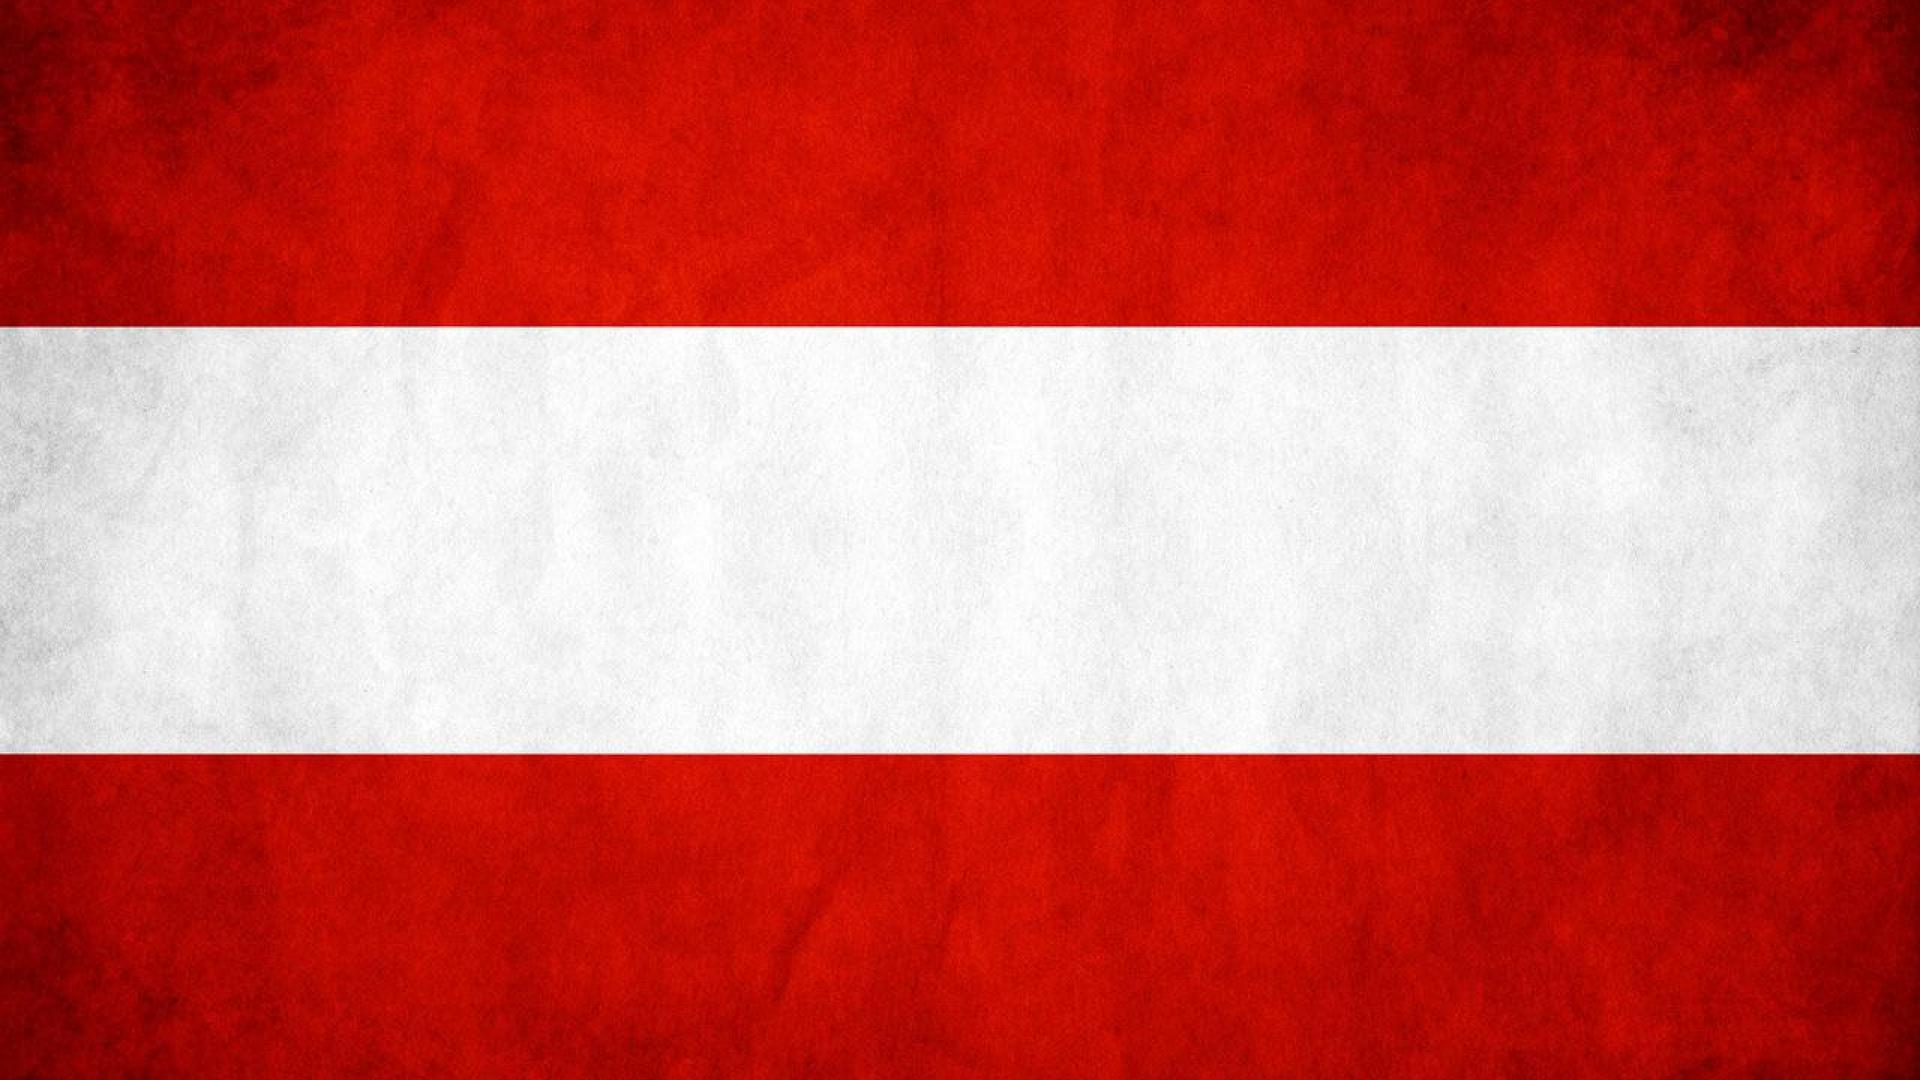 Cute Hello Kitty Wallpaper Austria Flag Wallpaper High Definition High Quality